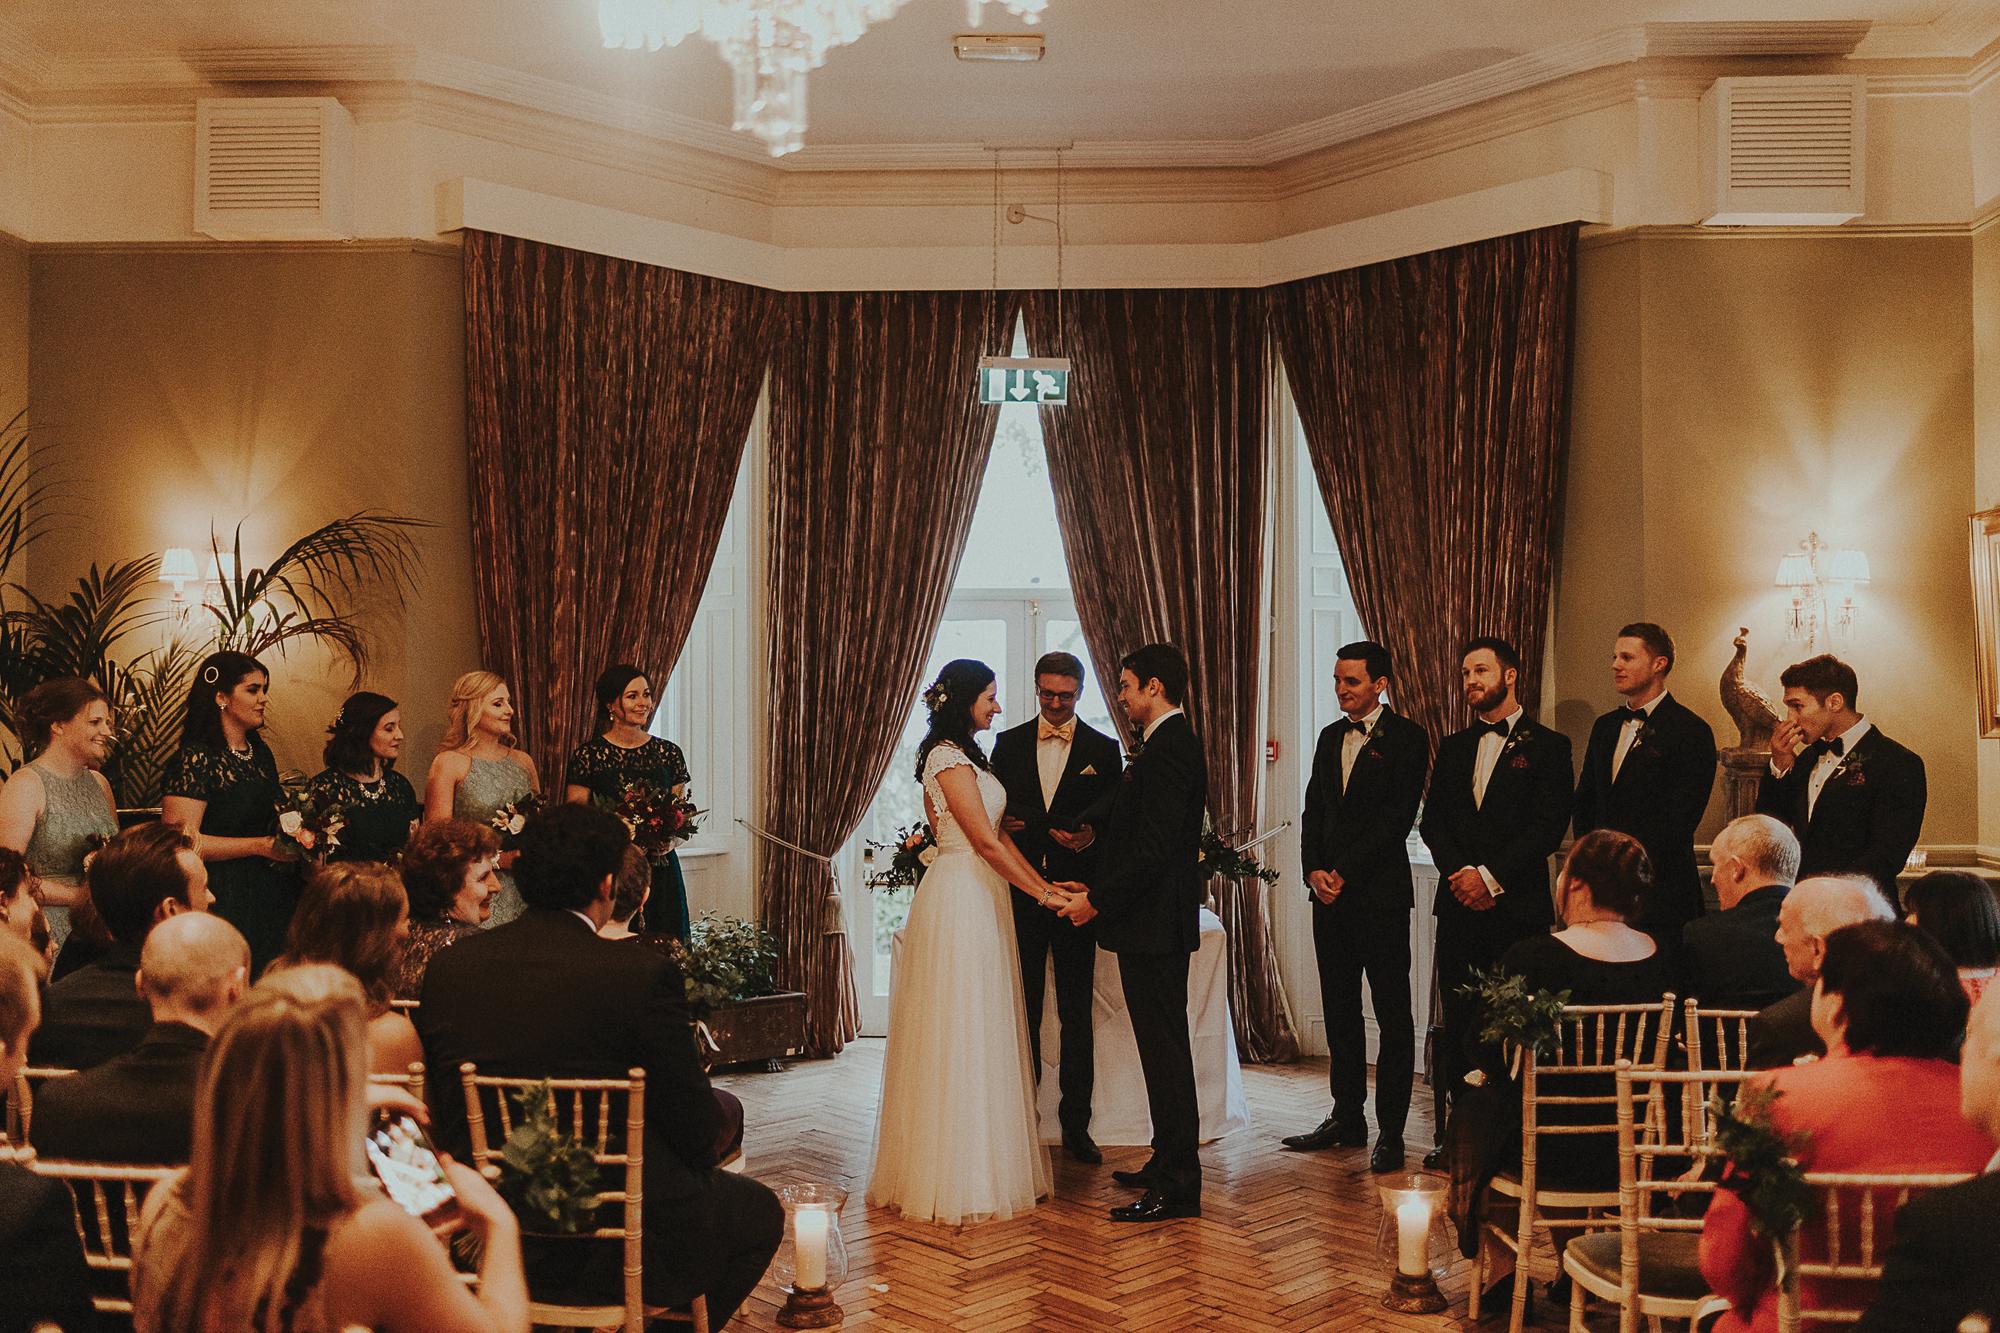 irish_wedding_photograpers_4.jpg